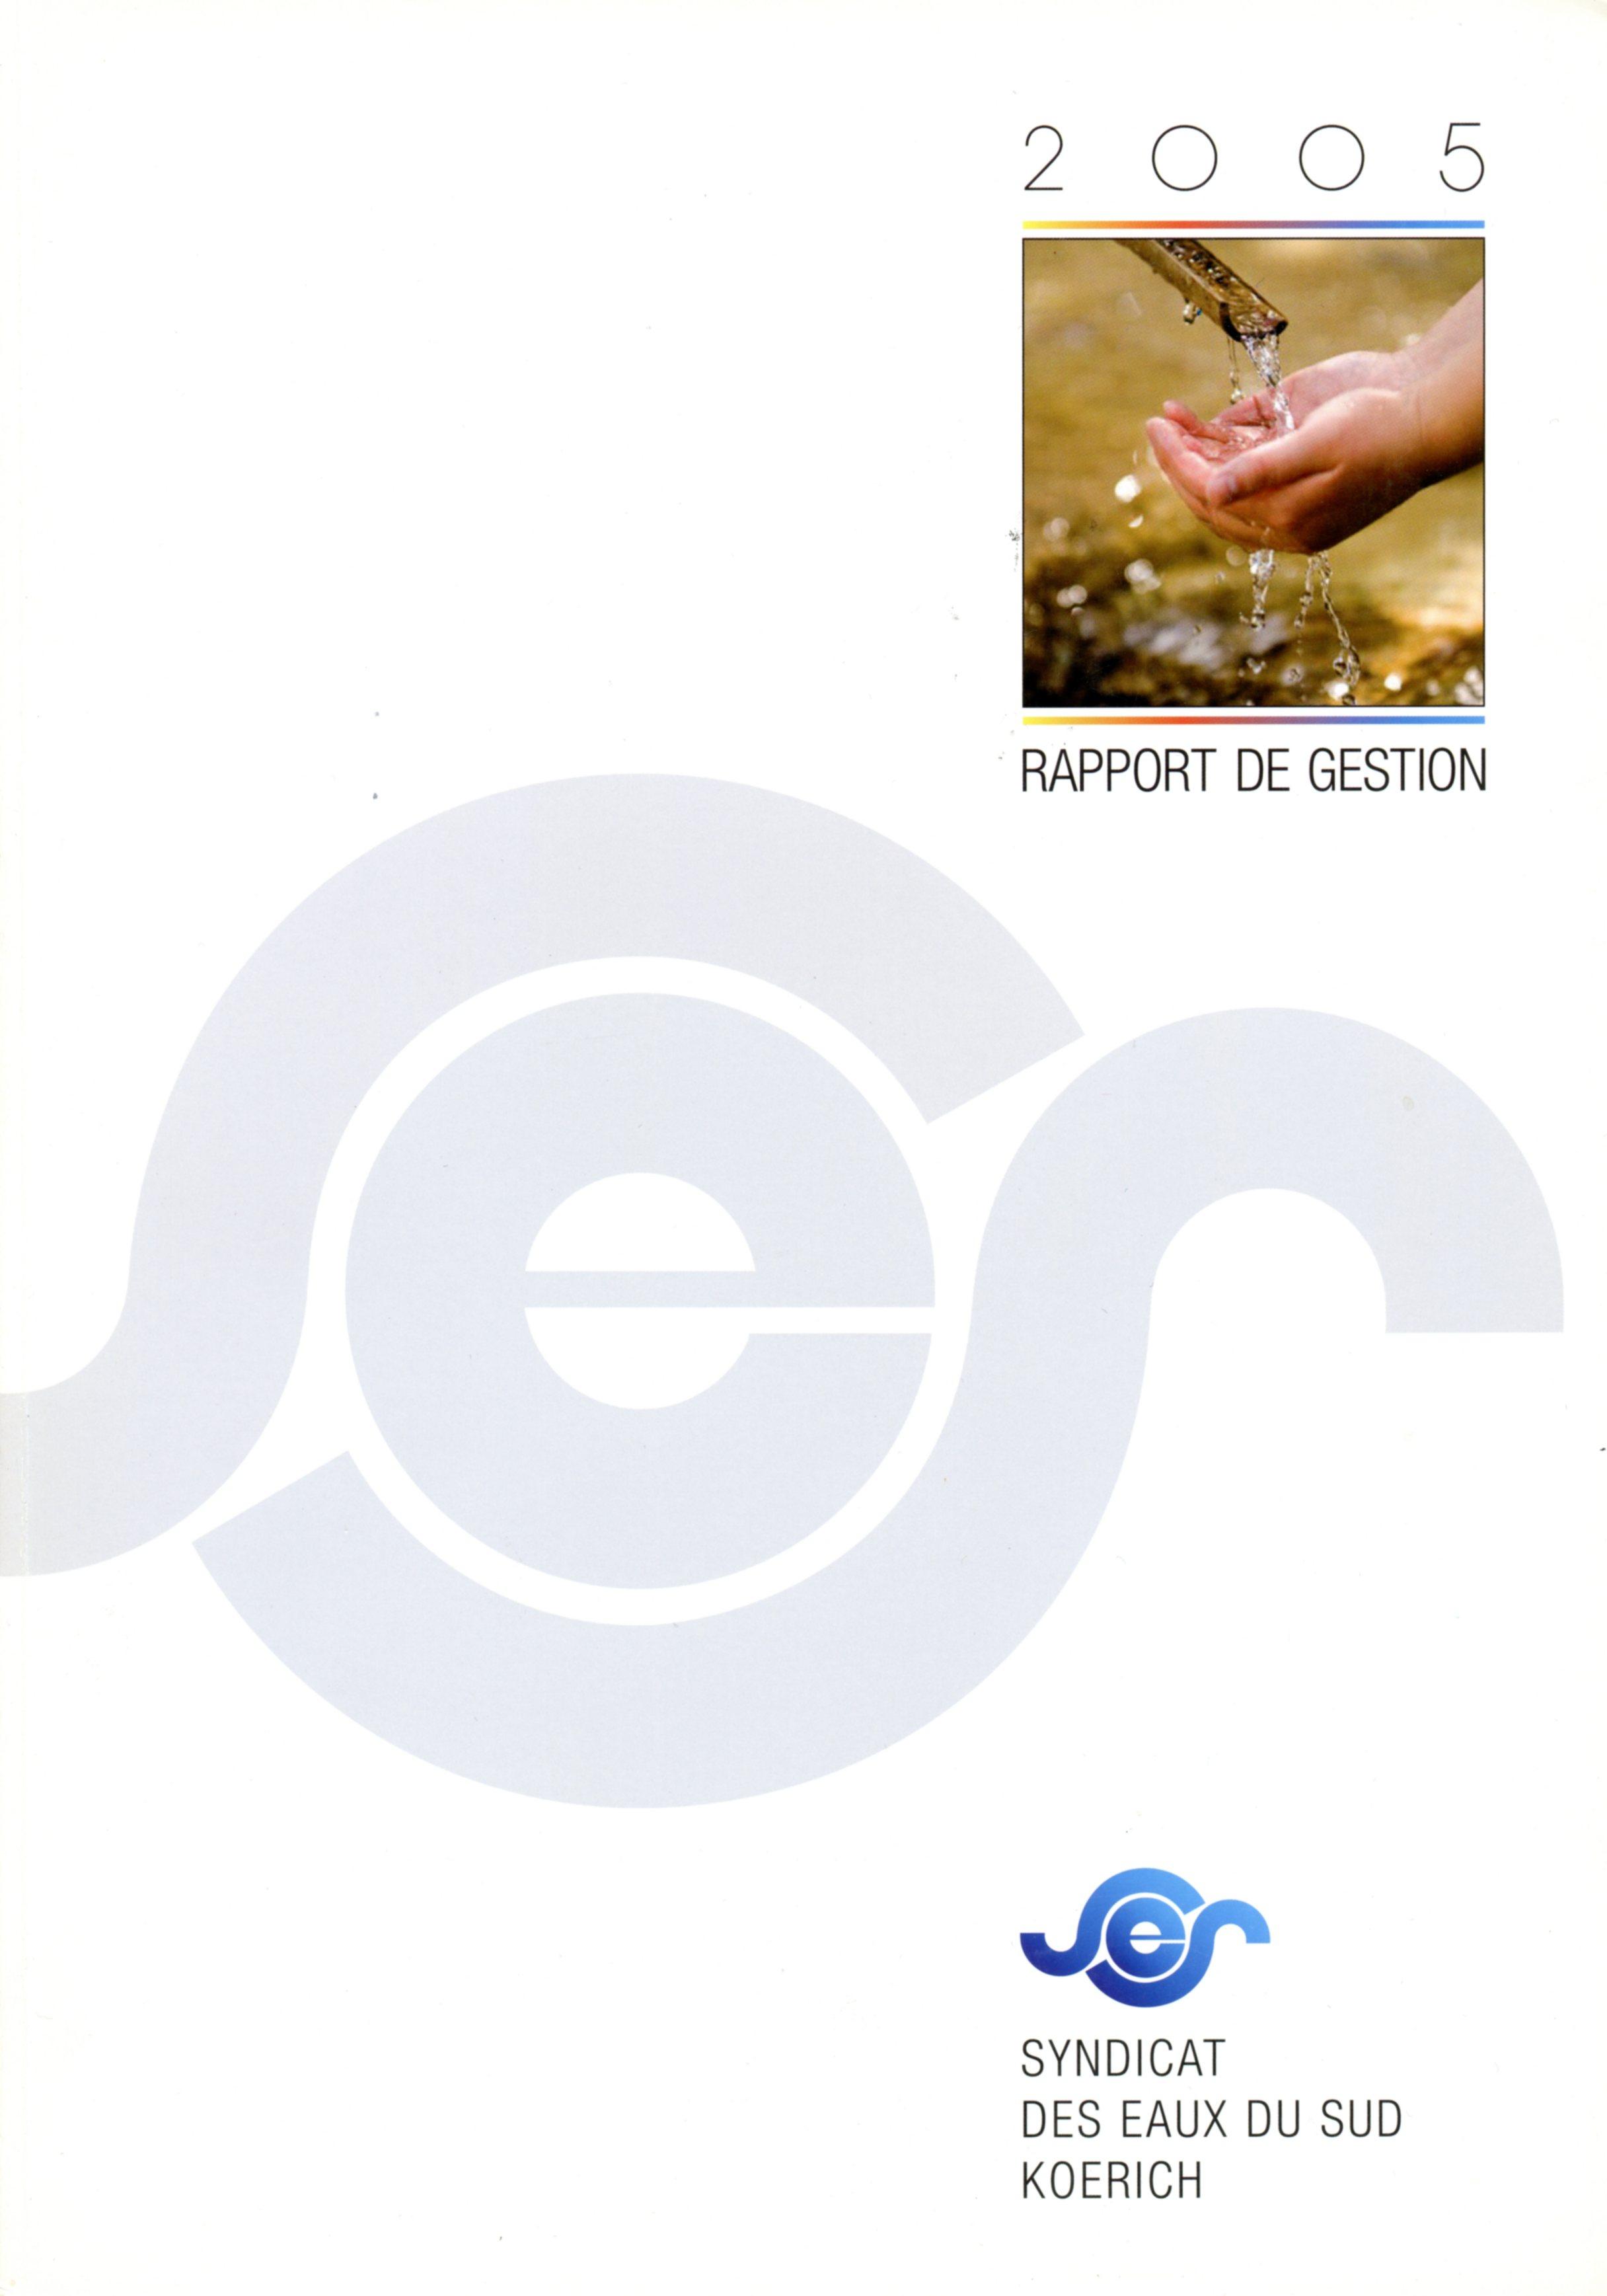 Rapport annuel SES Syndicat des Eaux du Sud Koerich Lex & Pit Weyer 2005